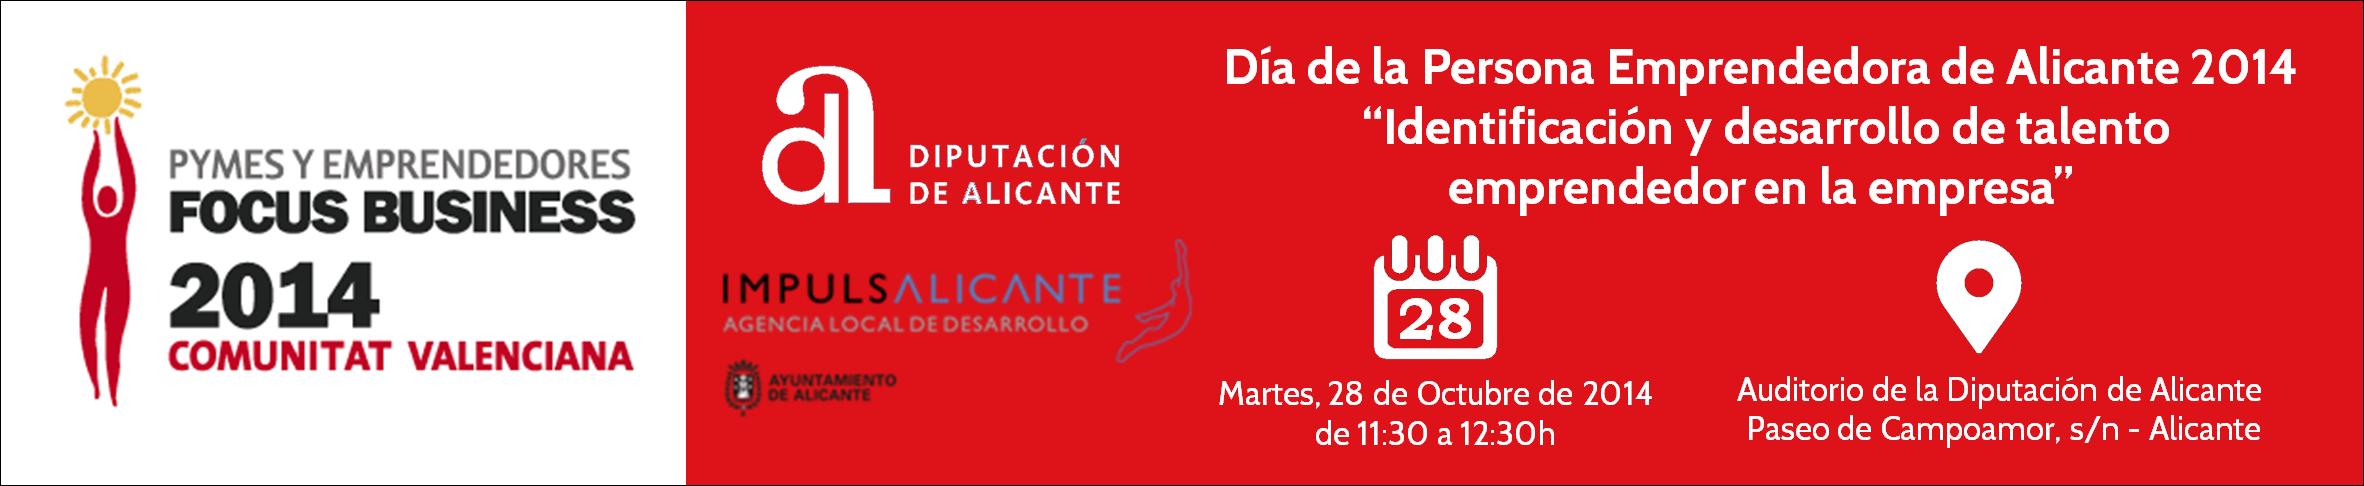 Evento Día de la Persona Emprendedora de Alicante